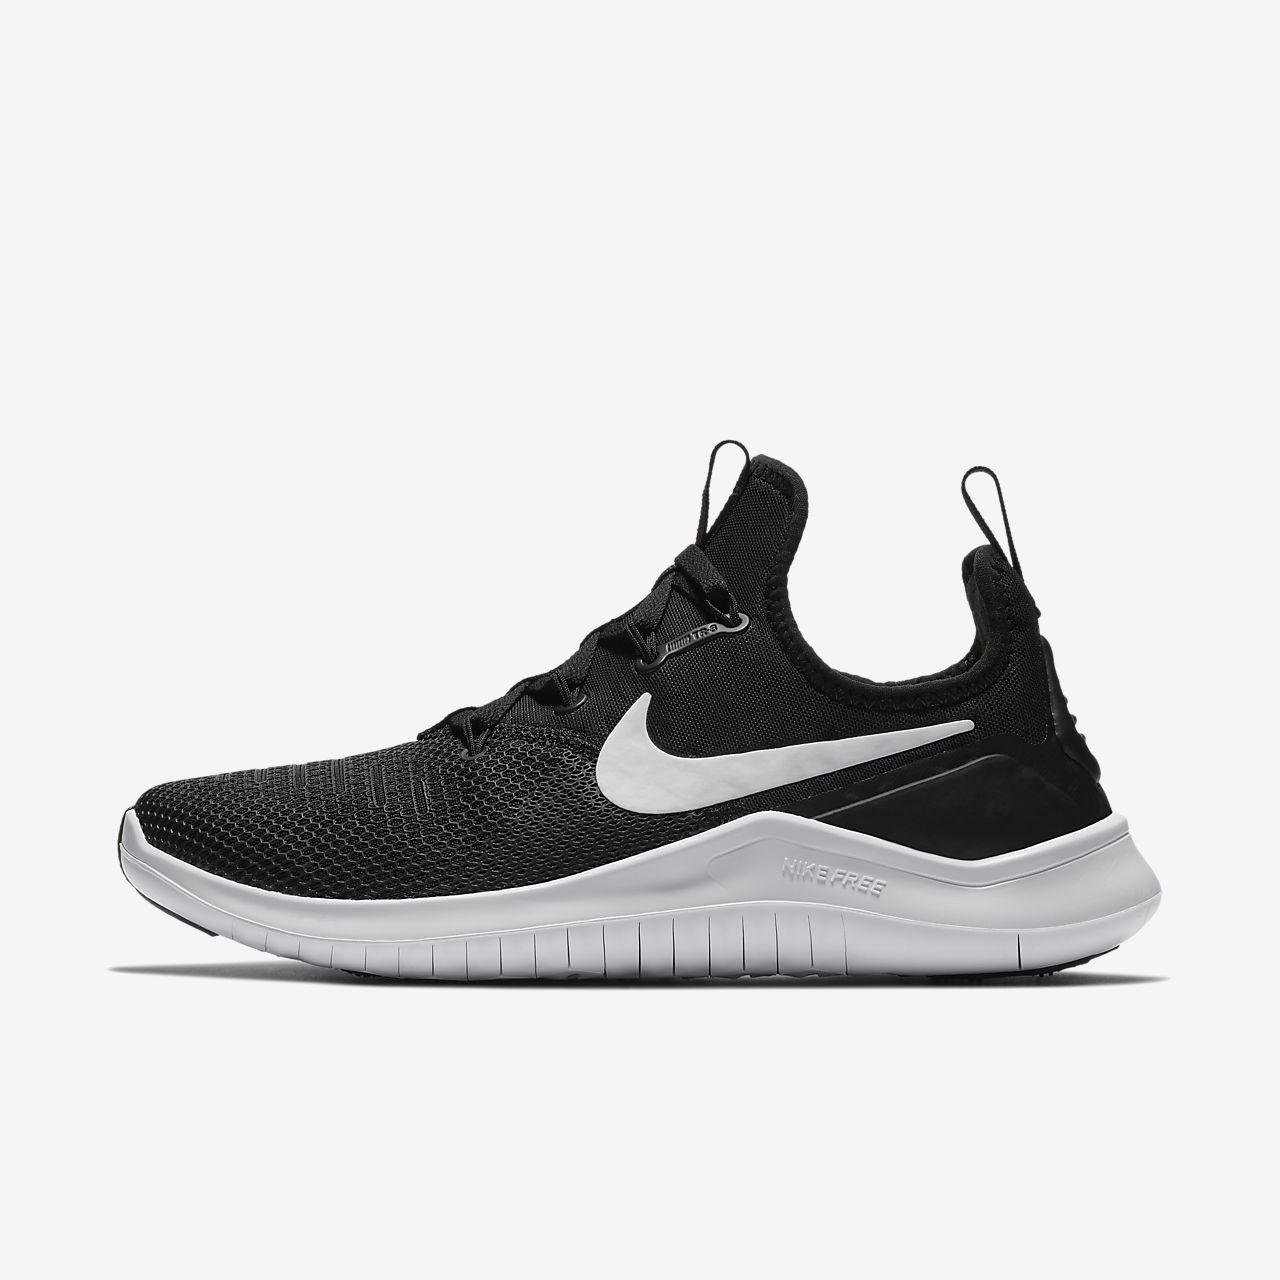 low priced fcec6 69c41 ... Calzado para mujer Nike Free TR8 para entrenamiento en el gimnasio,  HIIT y cross-